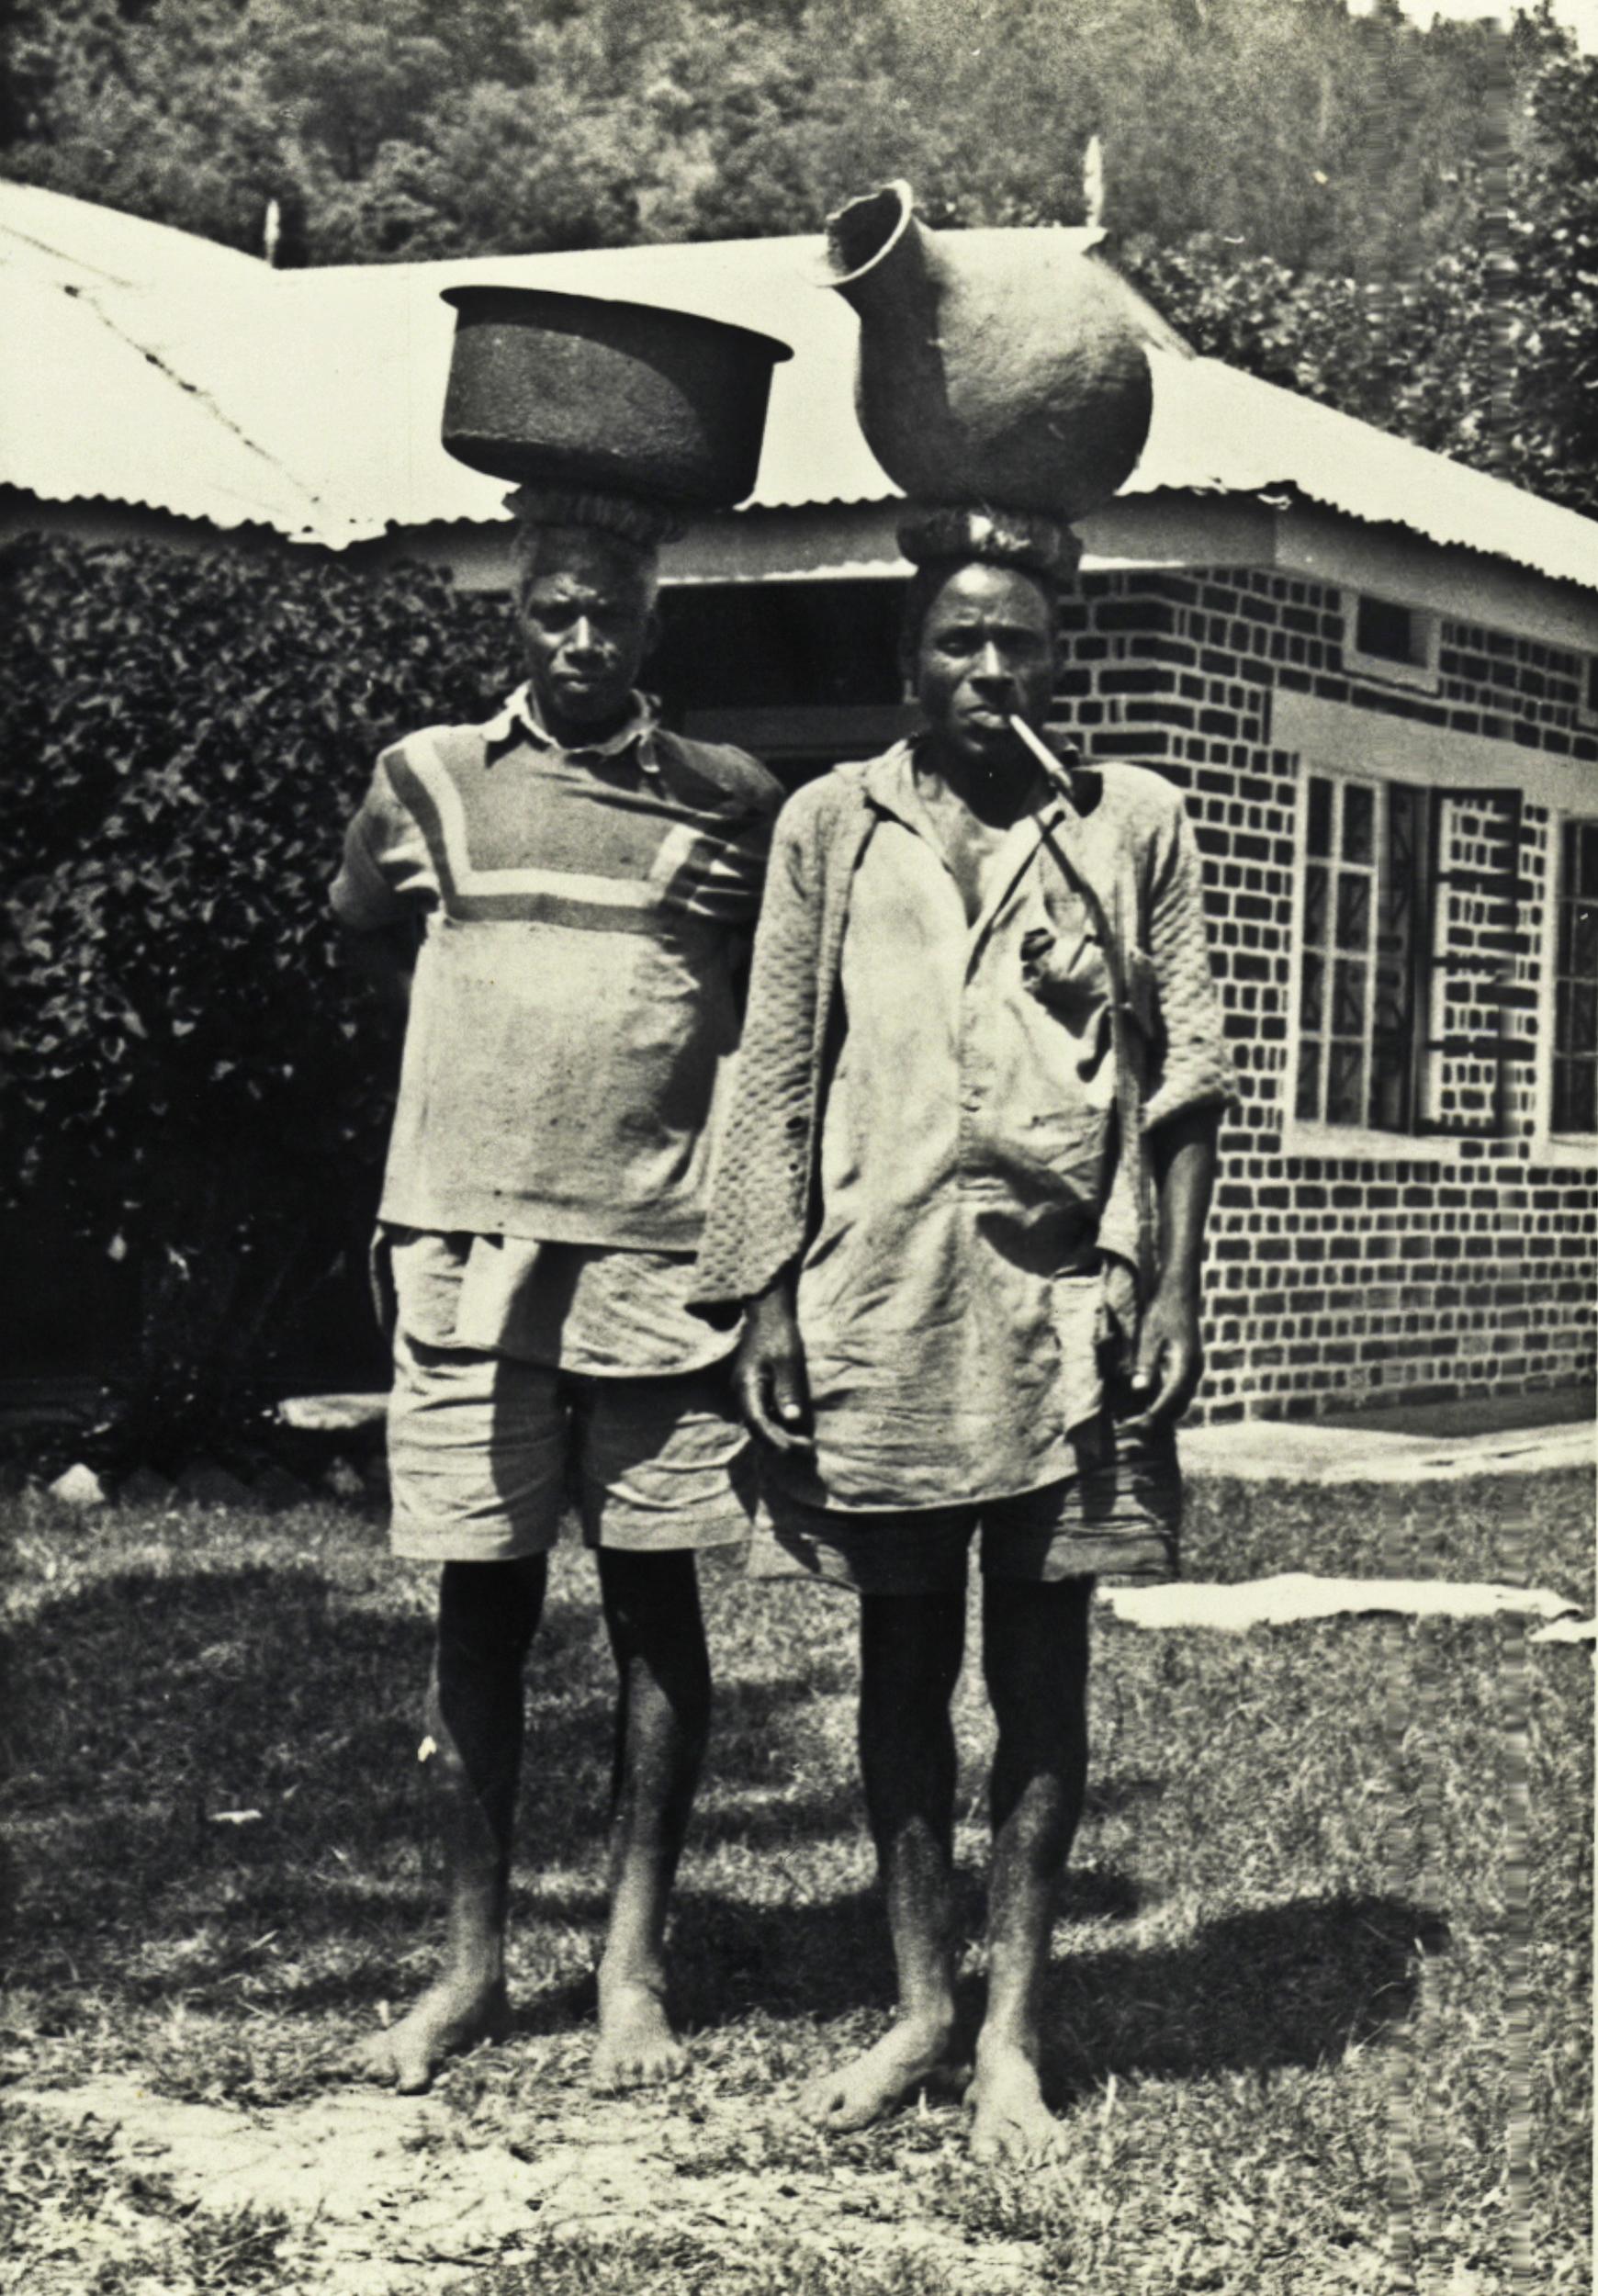 Mugyerasaano & Bateranwa 1975_